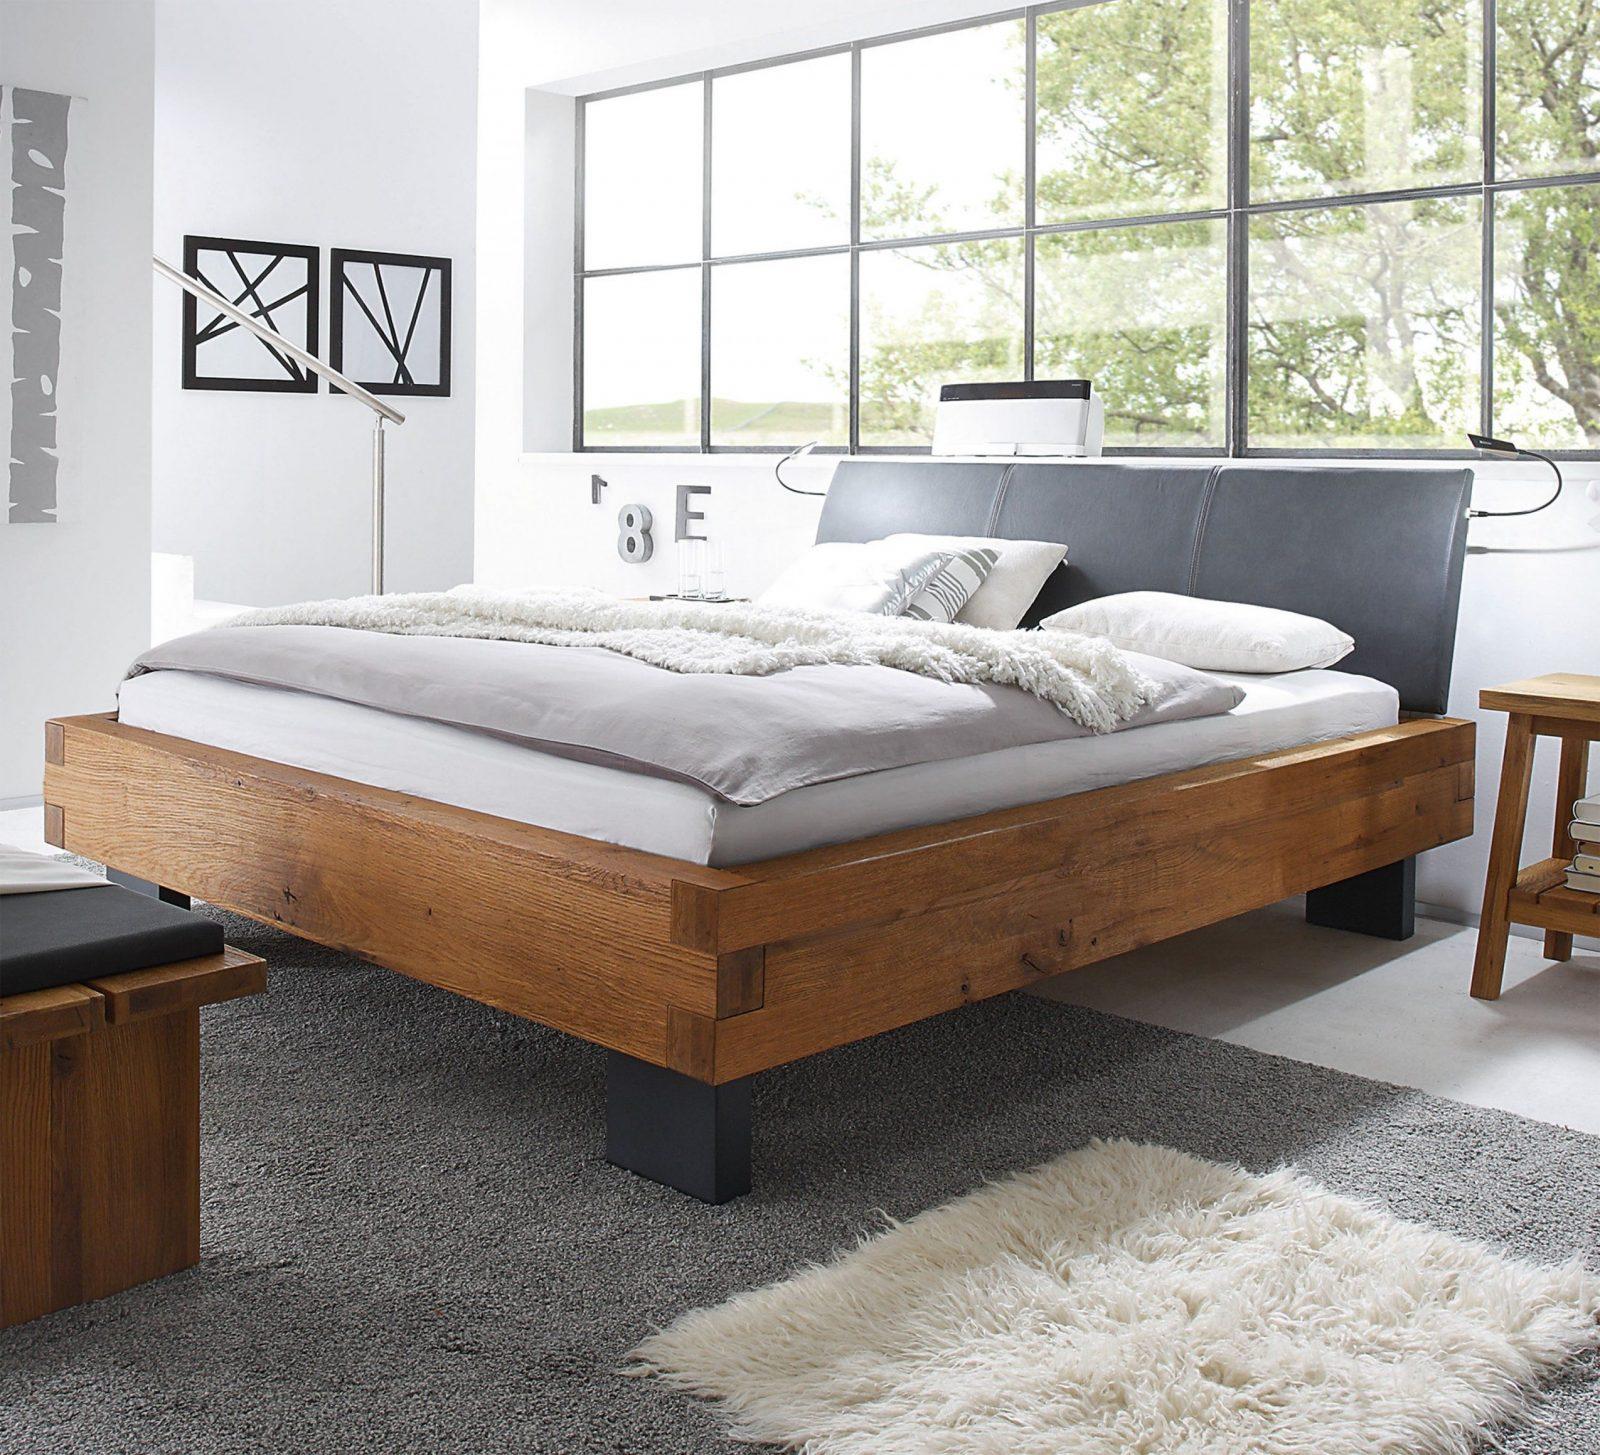 Hasena Oak Wild Bett Füße Quada Kopfteil Ripo 160X220  Schlaf von Bett 160 X 220 Bild